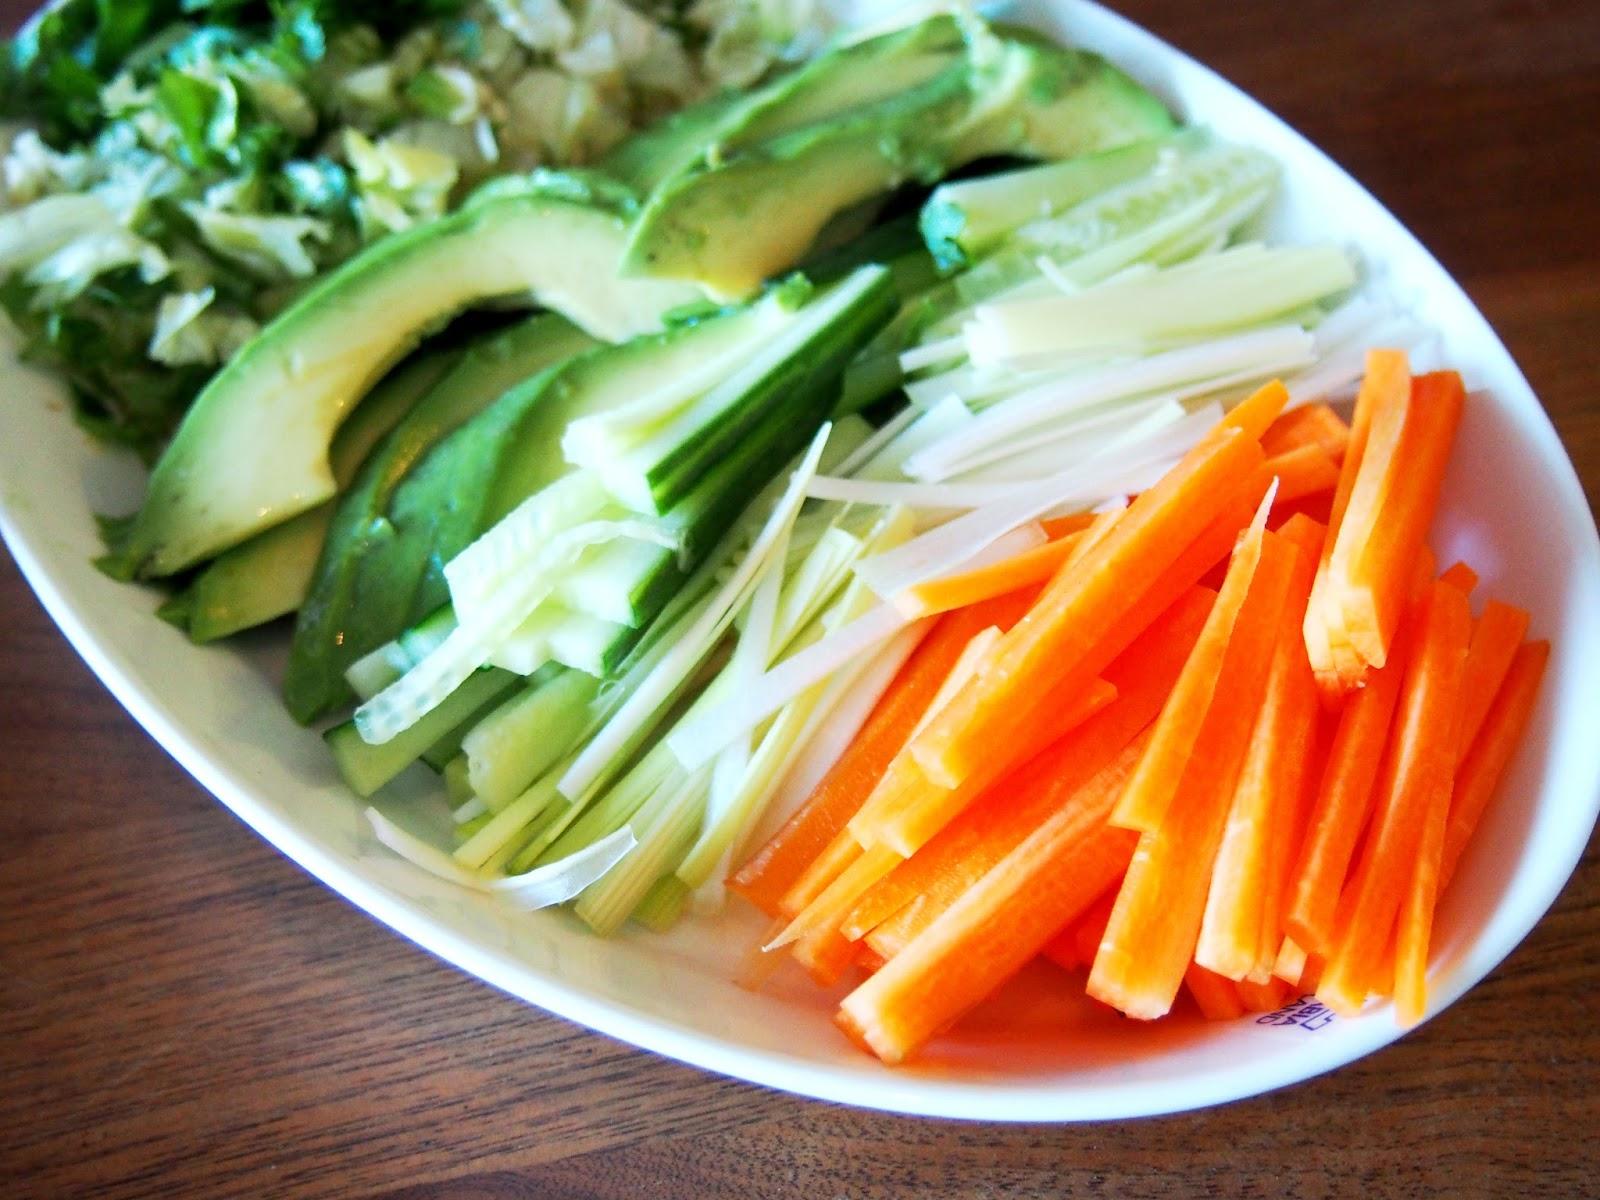 #veggie #sticks #snak #food #välipala #herkku #vegetables #kasvis #kasvikset #ruoka #party #juhlat #healthy #terveellinen #greens #green #vihreä